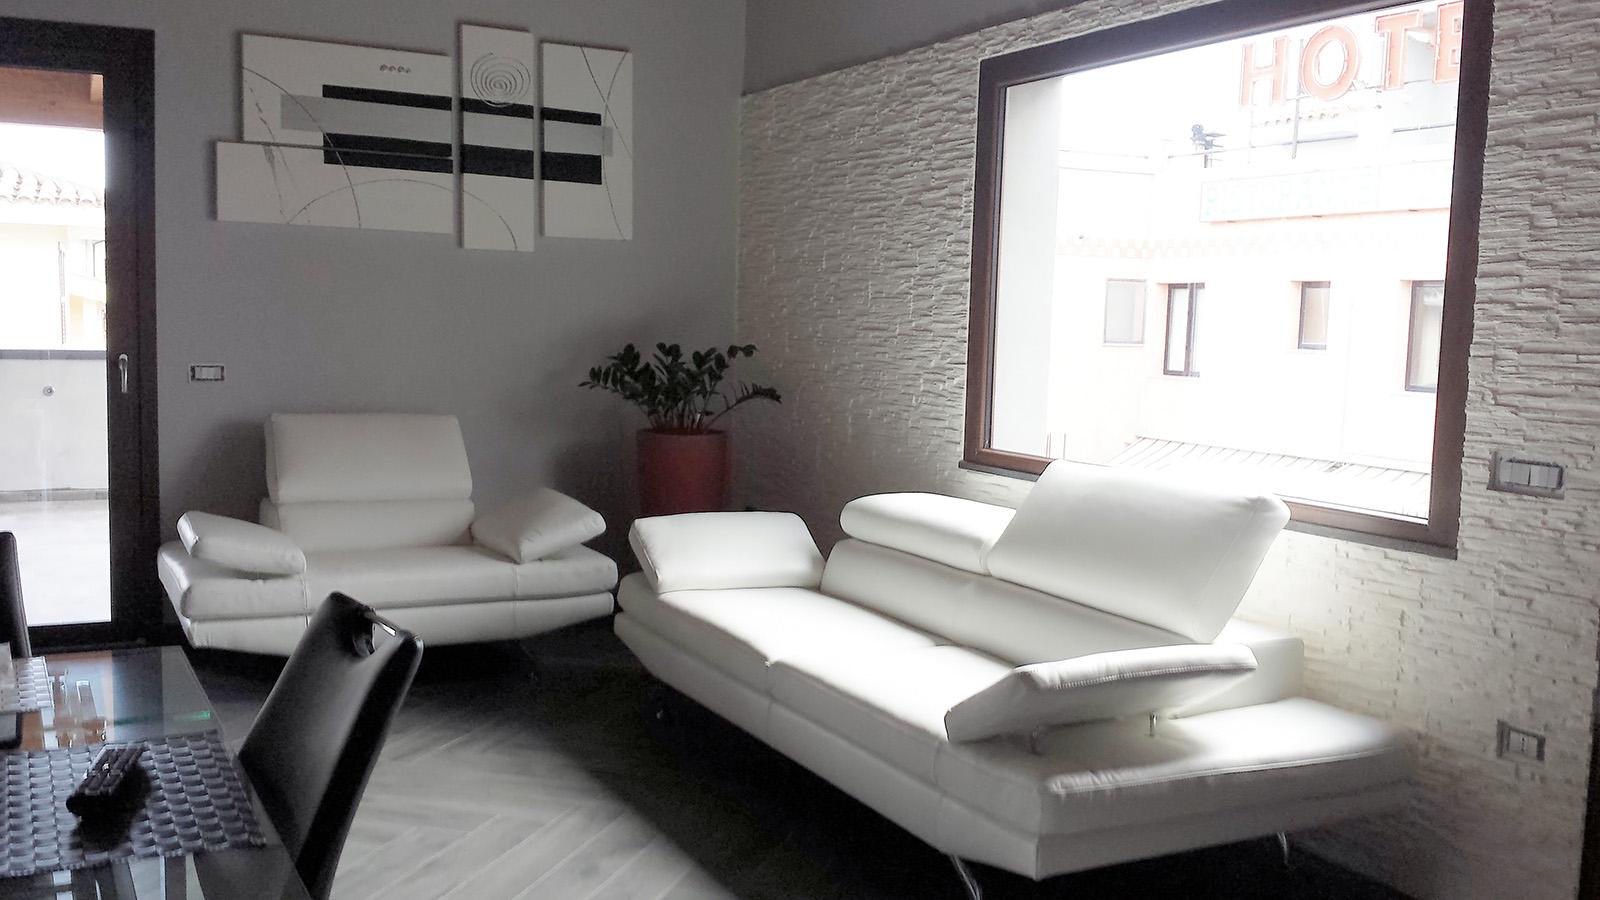 Divani e divani pelle beautiful divani relax in tessuto e pelle divani e divani letto in pelle - Divano klaus prezzo ...